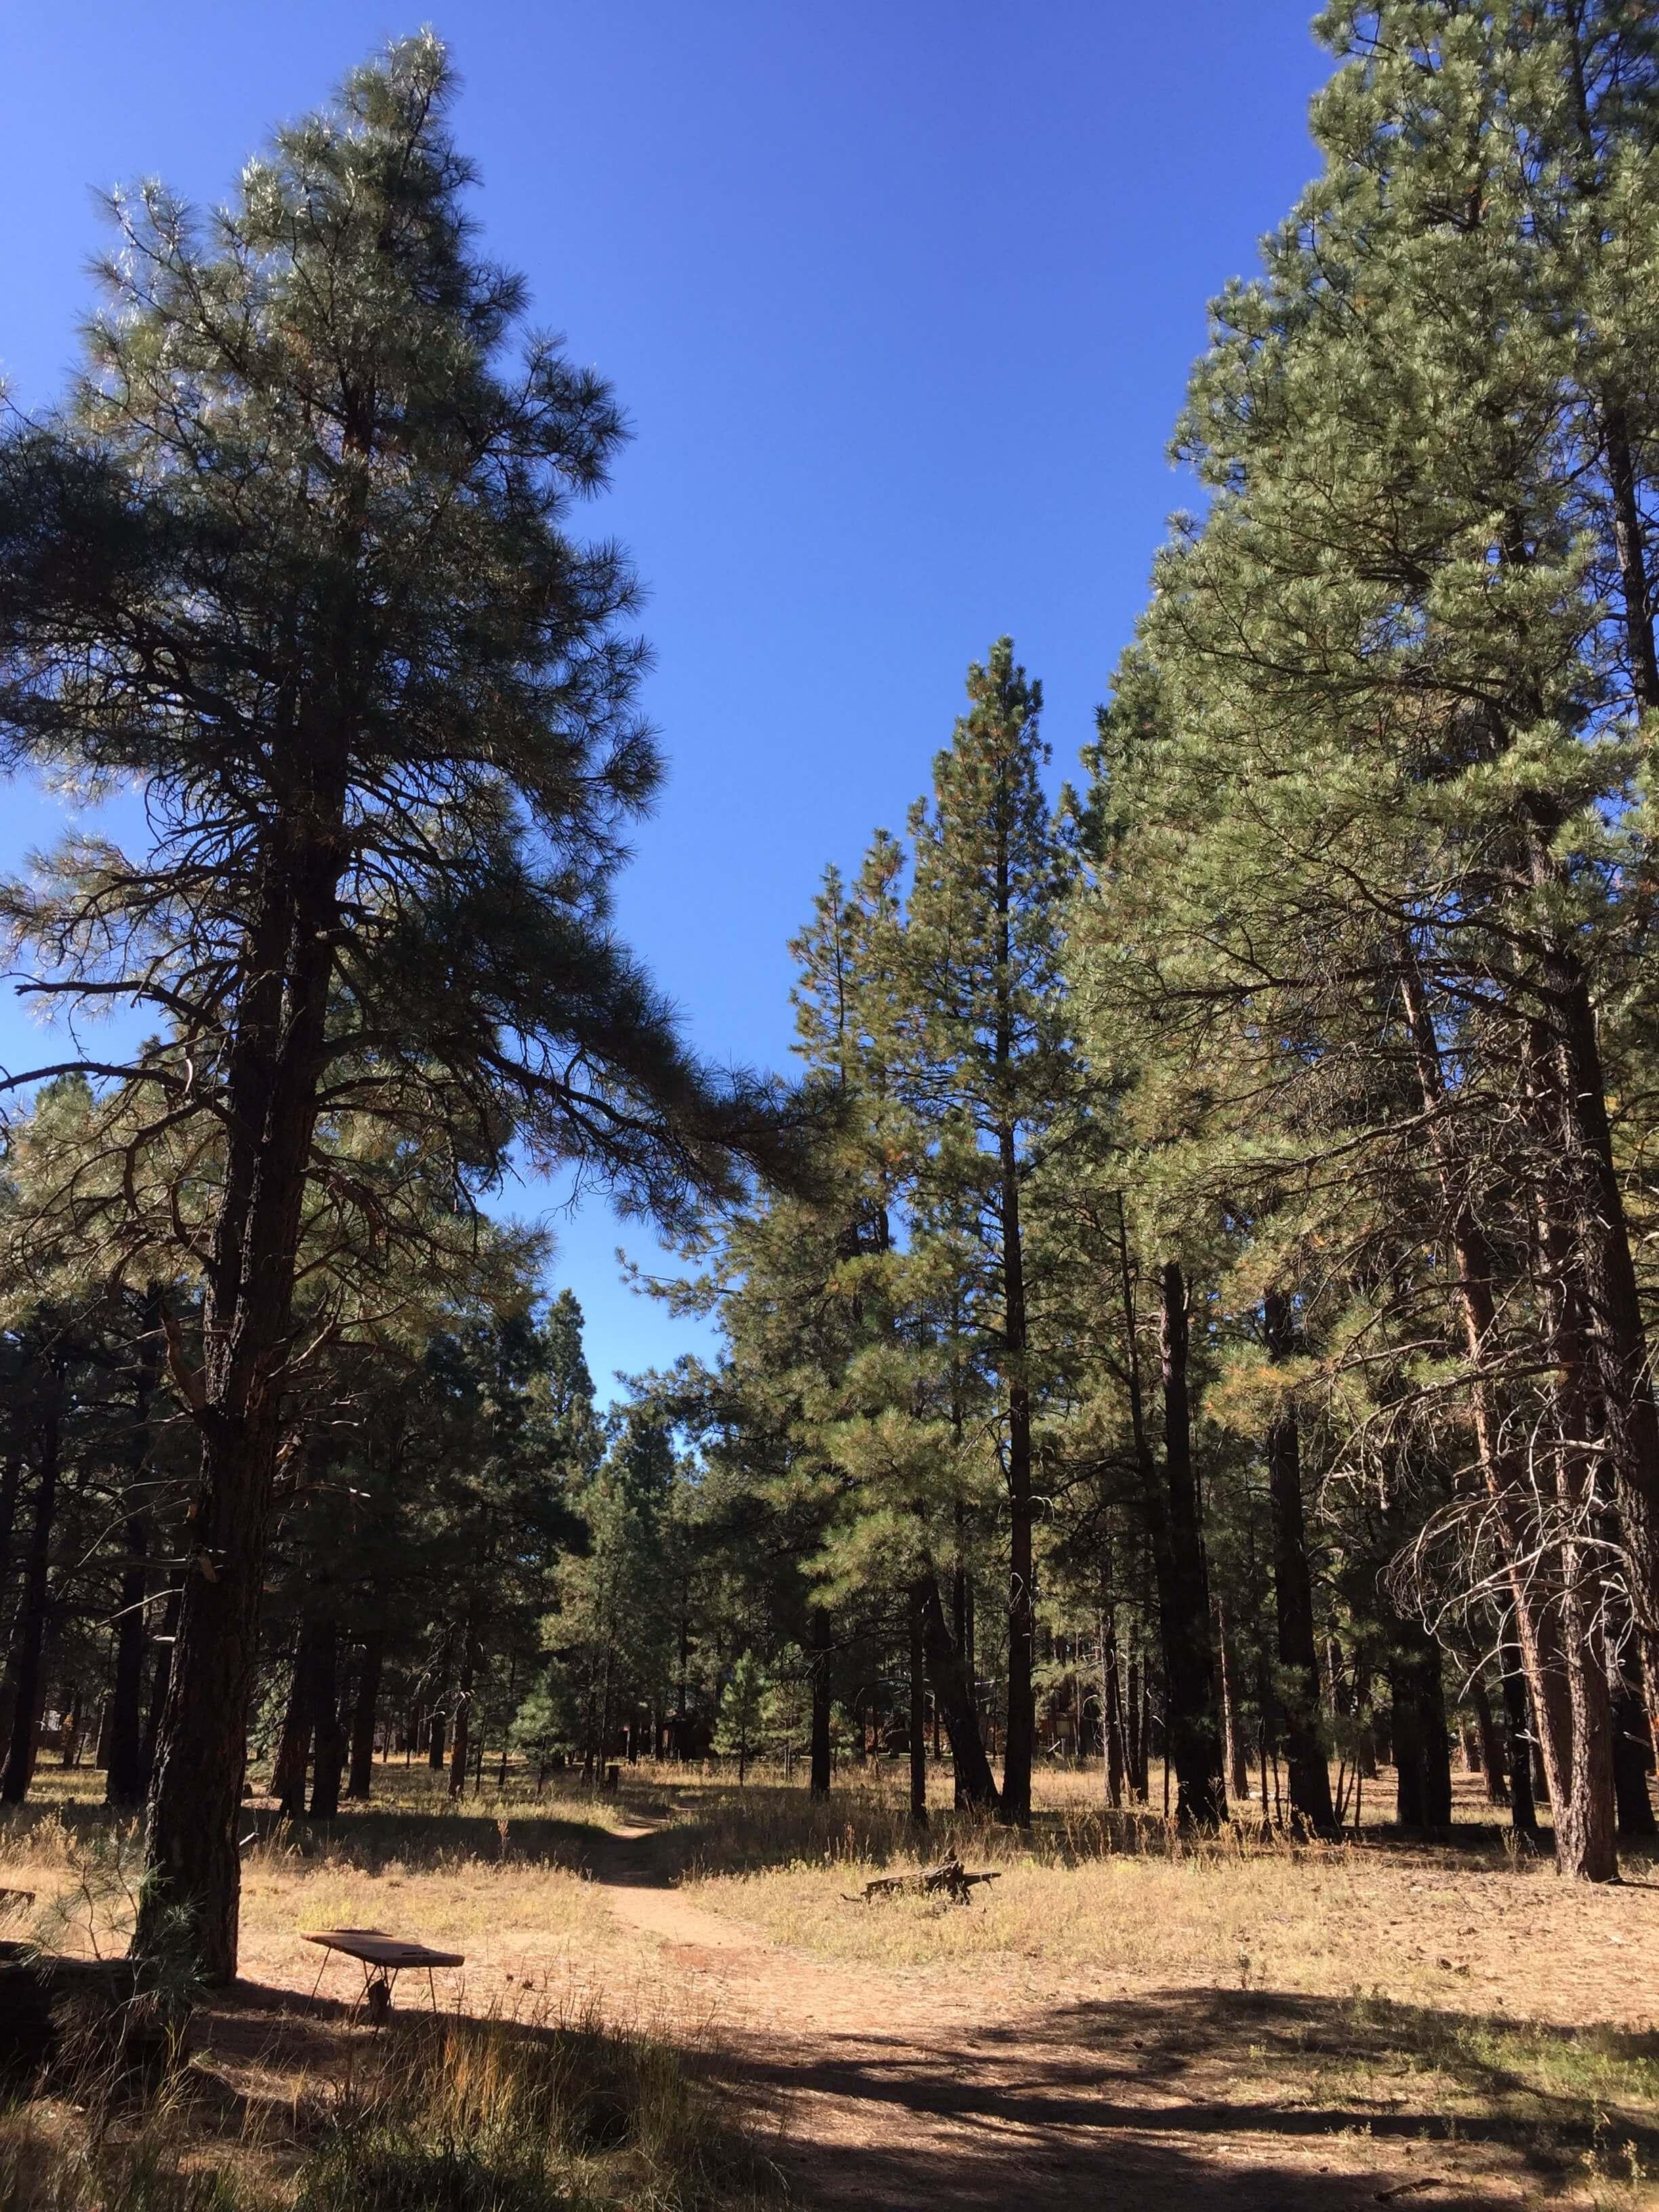 Mountainaire, Arizona - Just outside Flagstaff